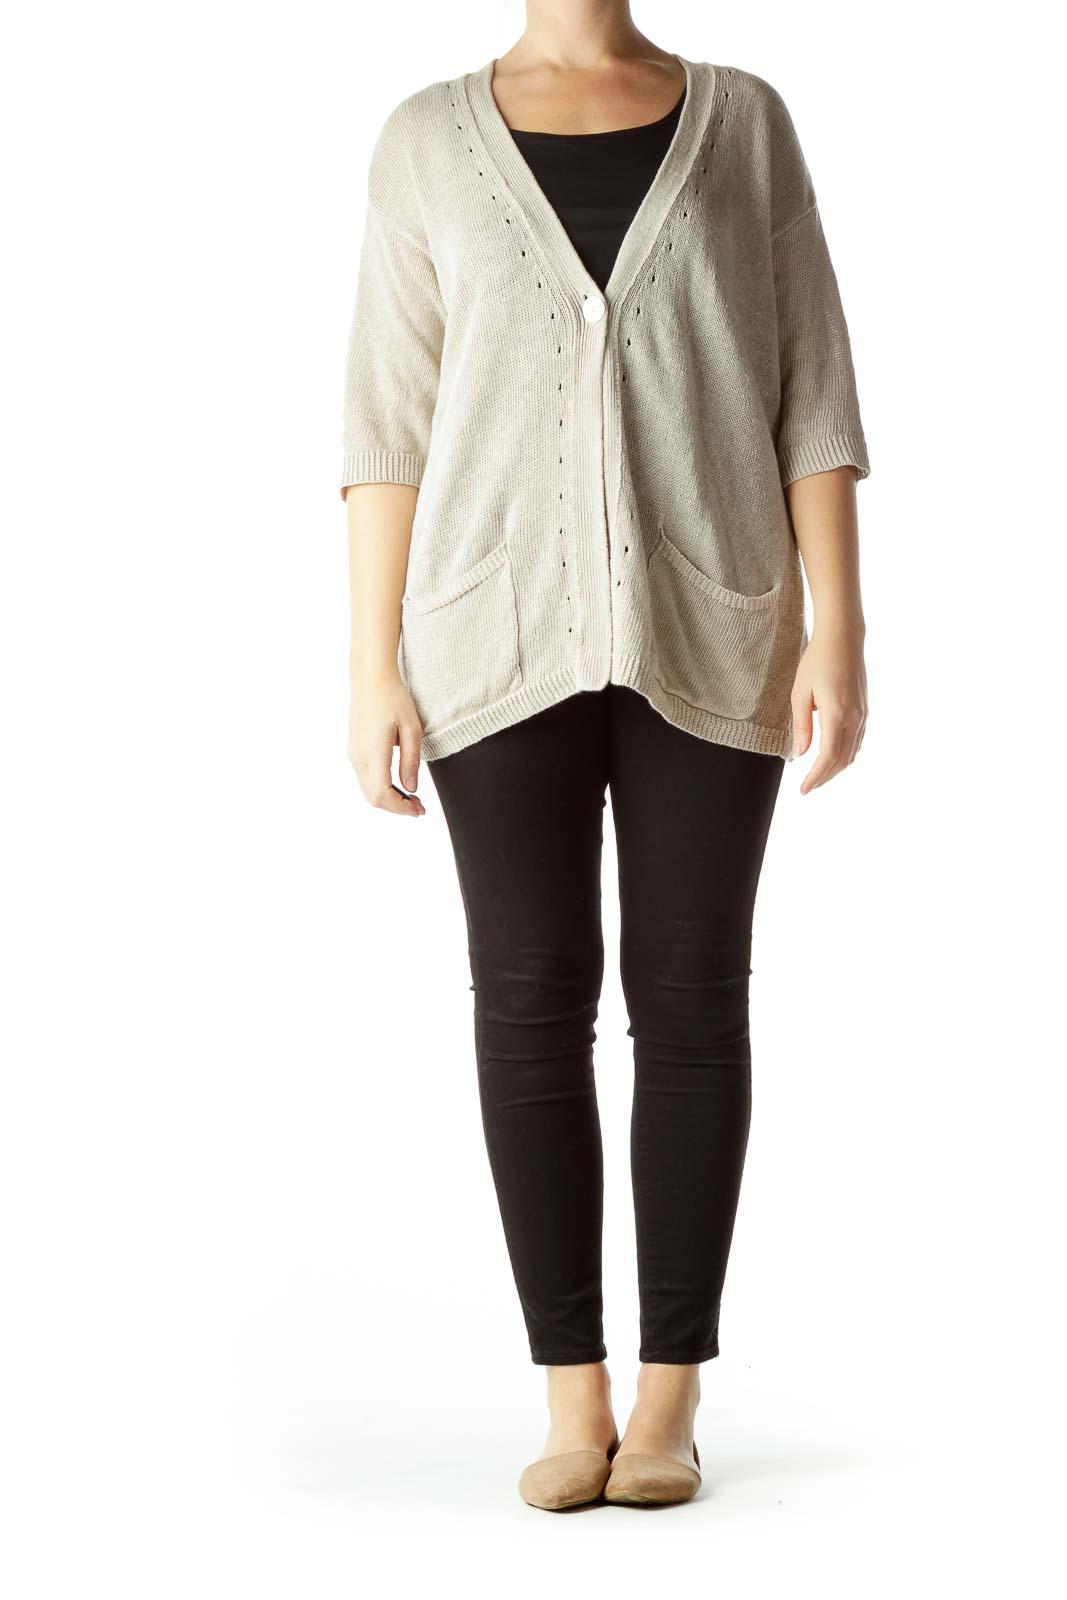 Beige 100% Linen Short Sleeve Cardigan